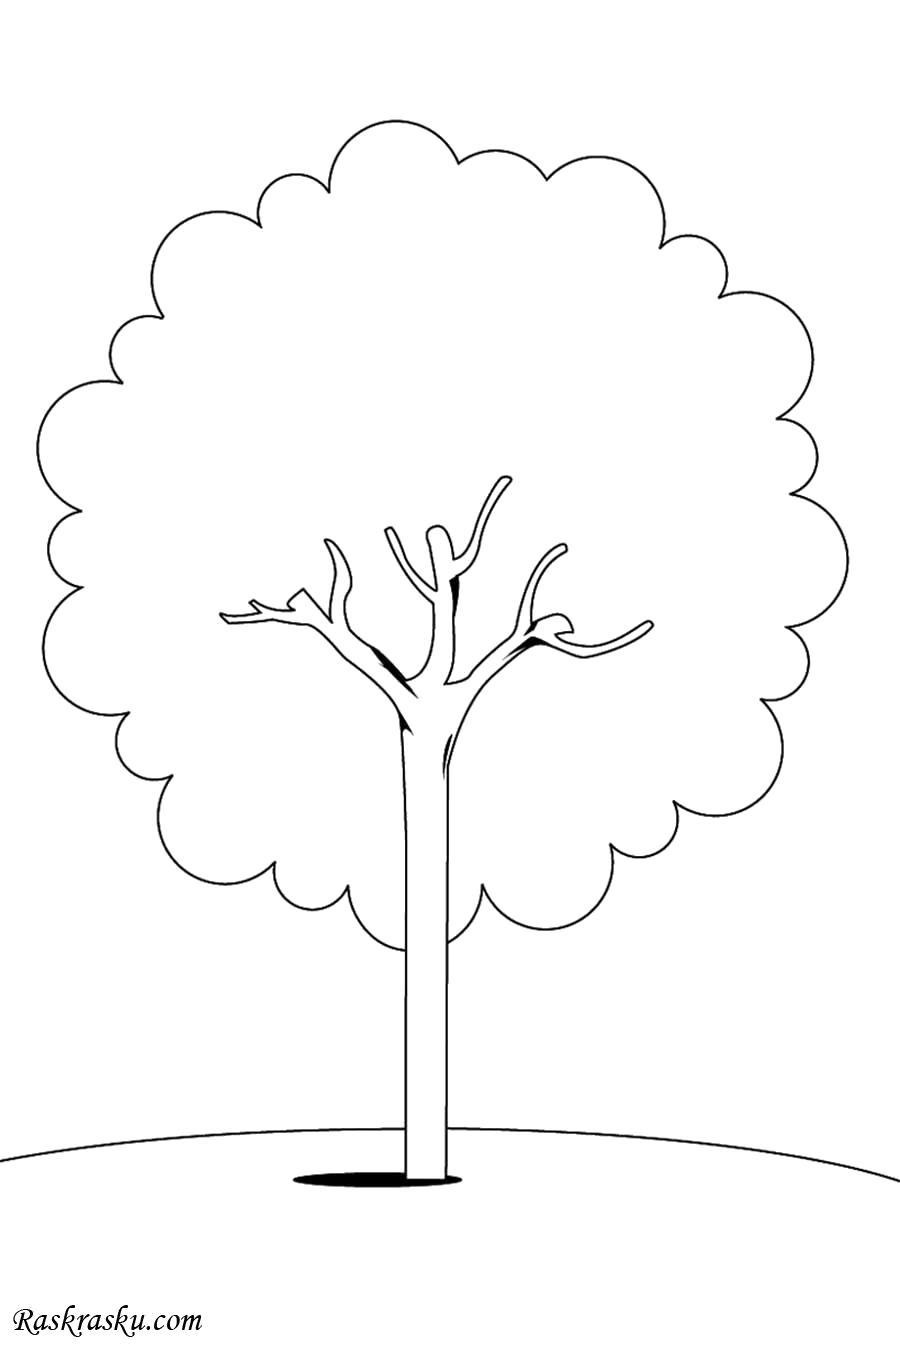 Название: Раскраска Каштан. Категория: деревья. Теги: деревья.